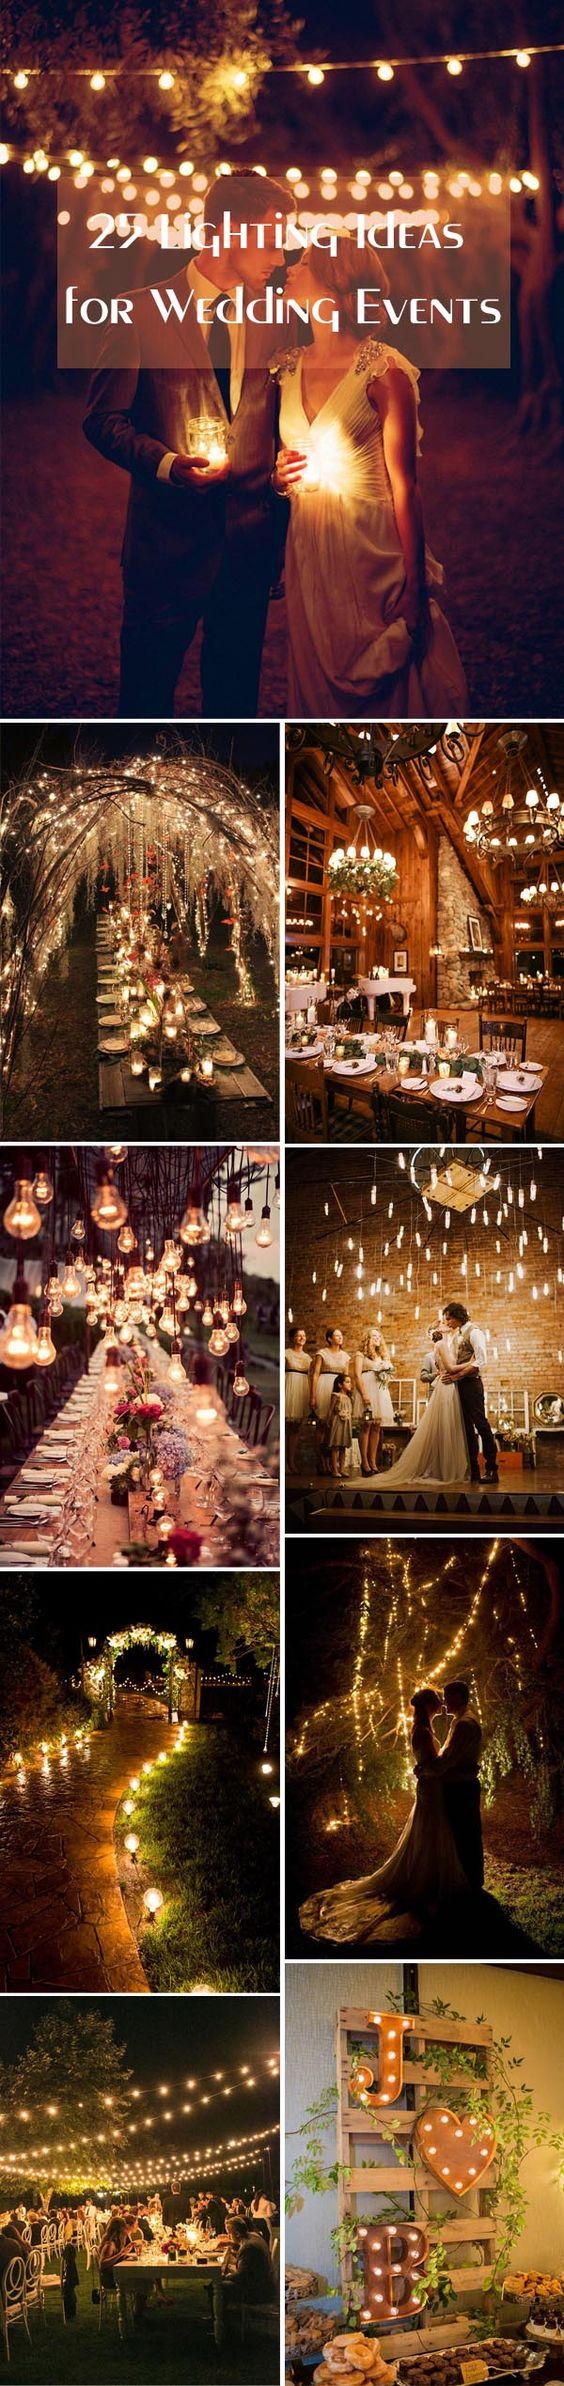 如你所知,照明是接待和仪式最热门的婚礼装饰想法之一。照明具有在大日子里添加迷人浪漫风情的神奇力量,并为他们的客人营造情调。华丽的灯光巧妙地装饰在树木和灌木丛,天花板,场地和帐篷,梅森罐子和......